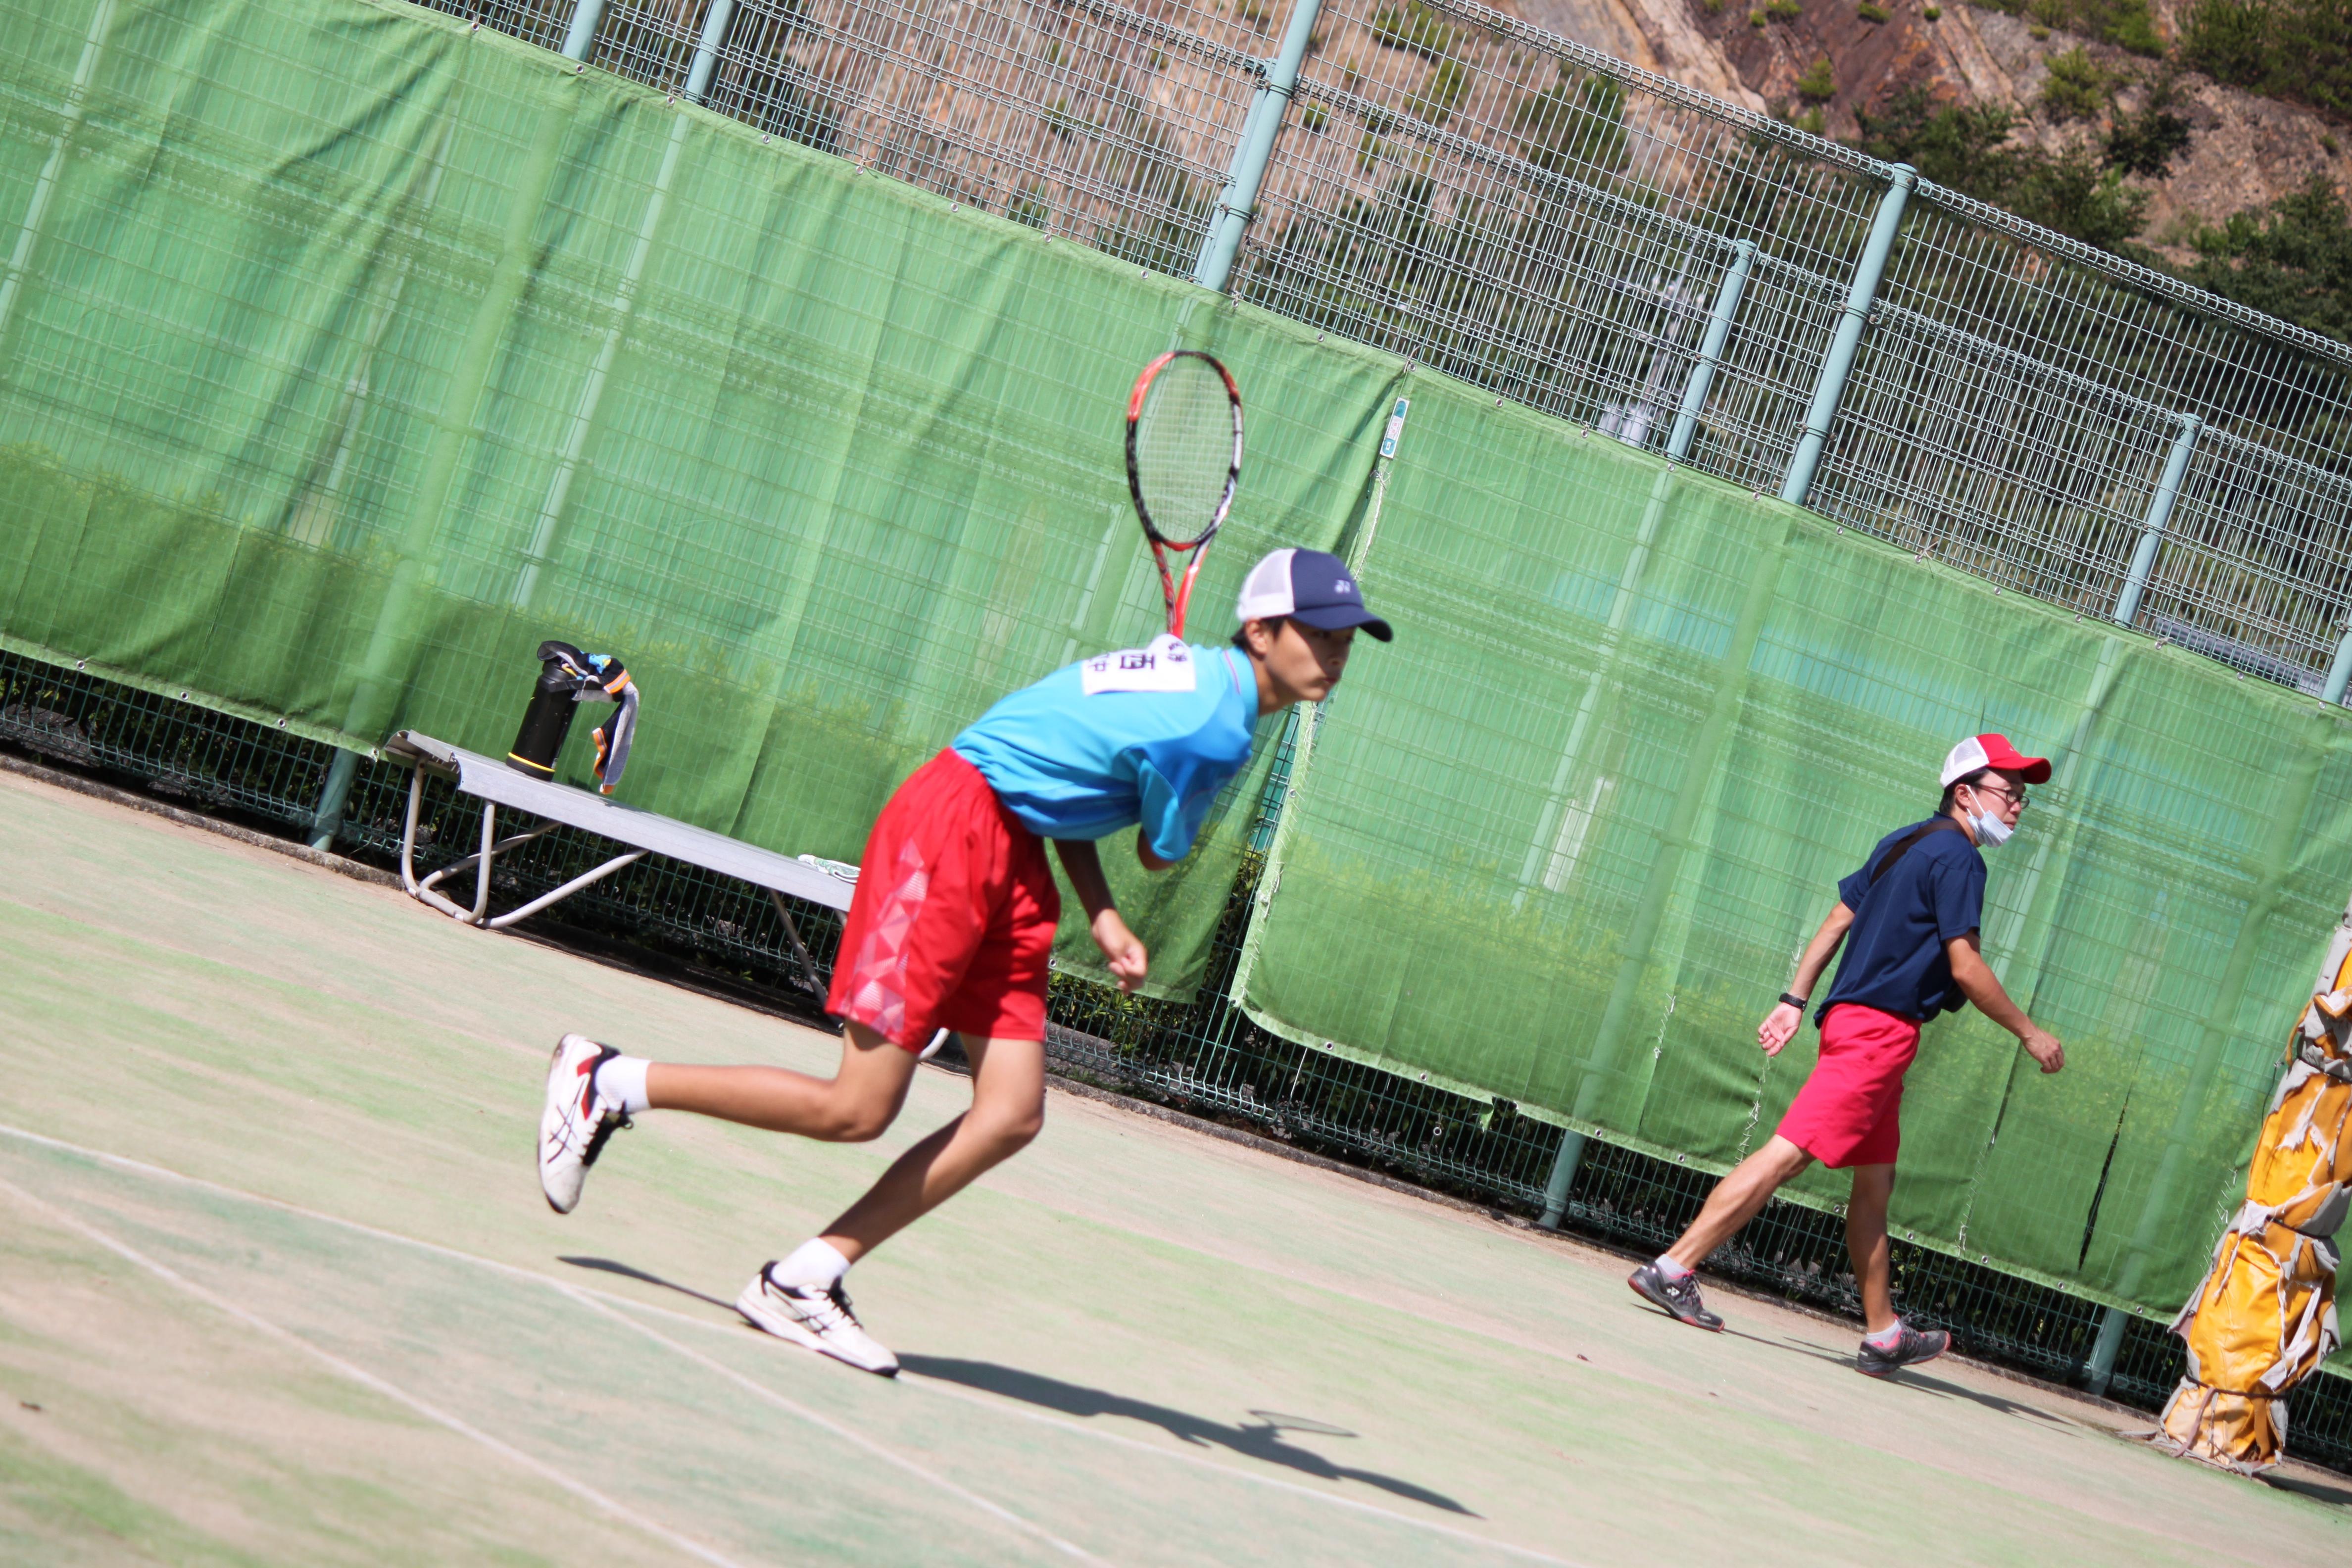 ソフトテニス (643)